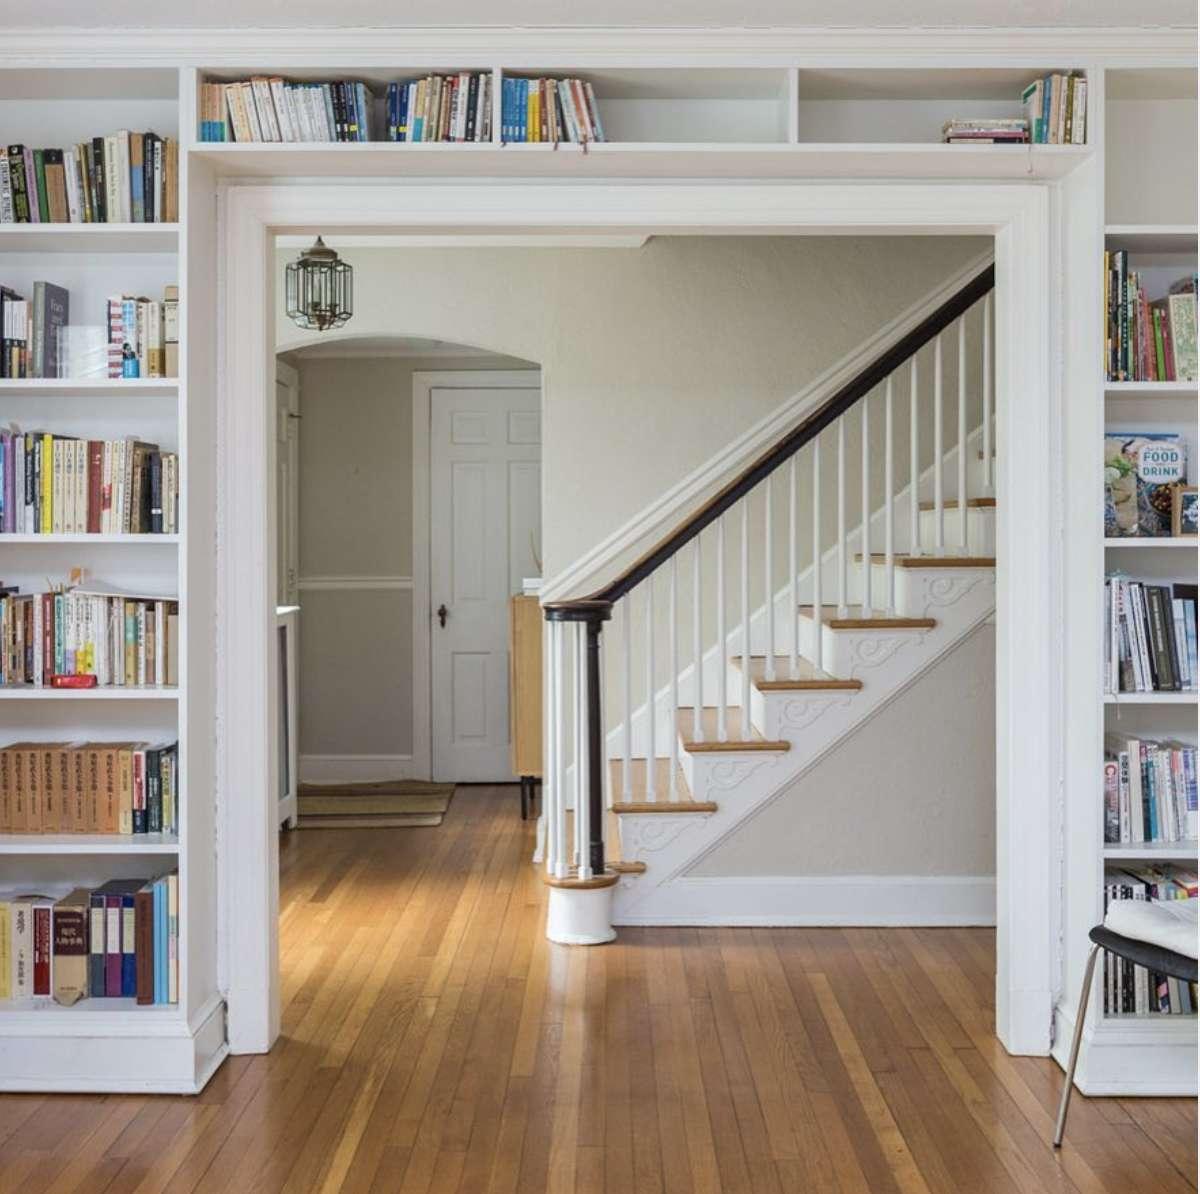 open doorway with bookshelves all the way around